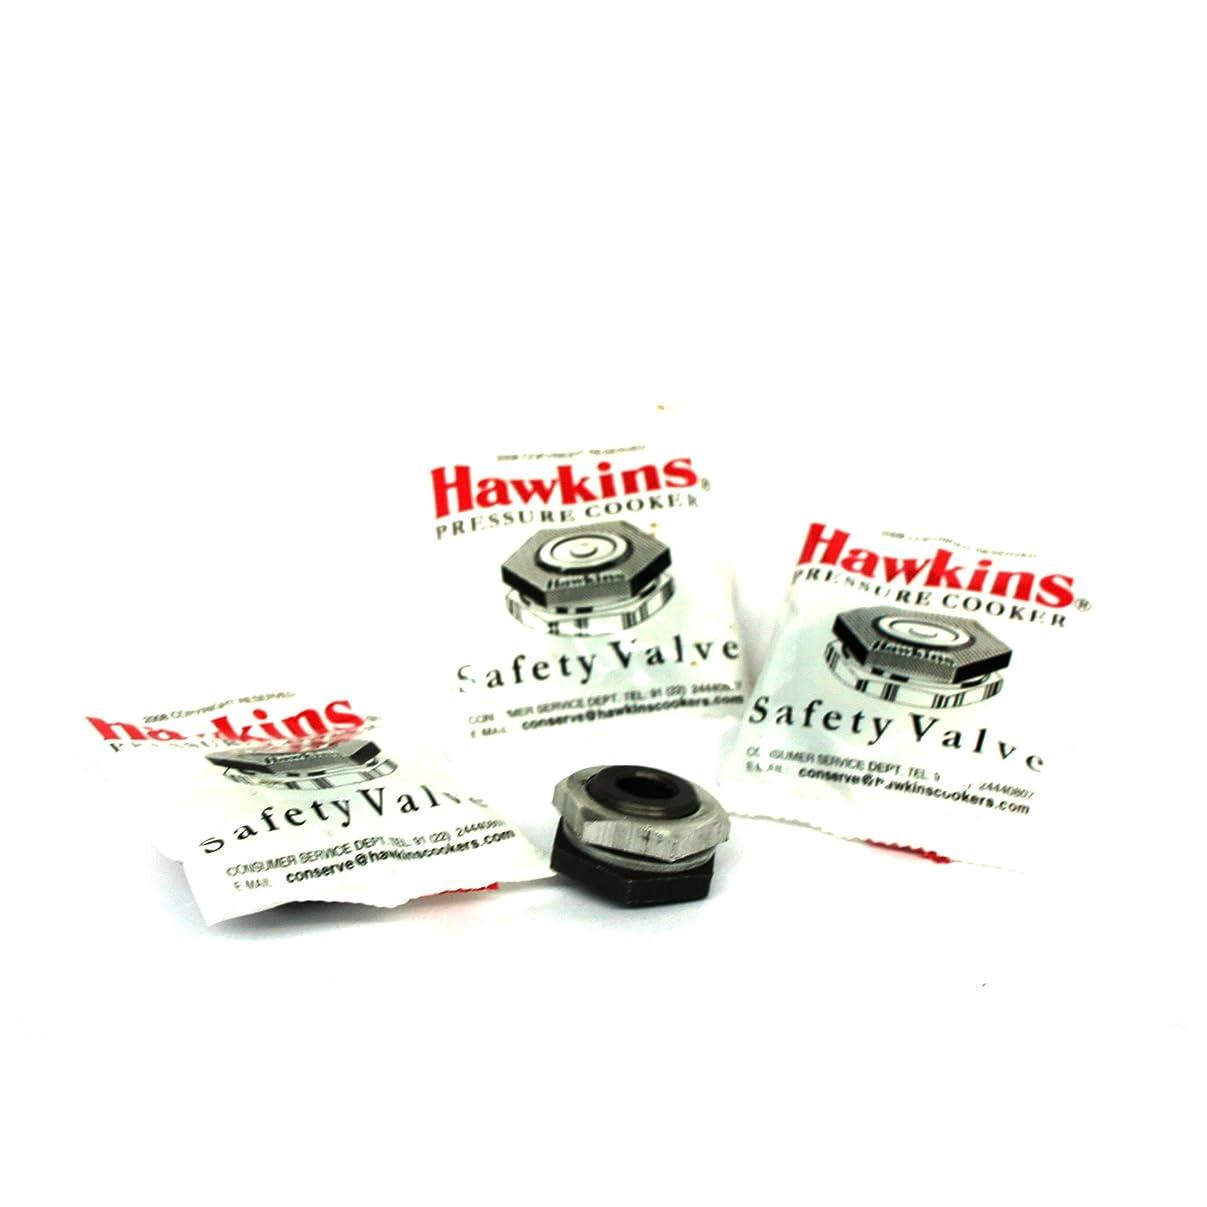 均等にスリッパカートHawkins B1010 3-Piece Pressure Cooker Safety Valve, 1.5 to 14-Liter by Hawkins